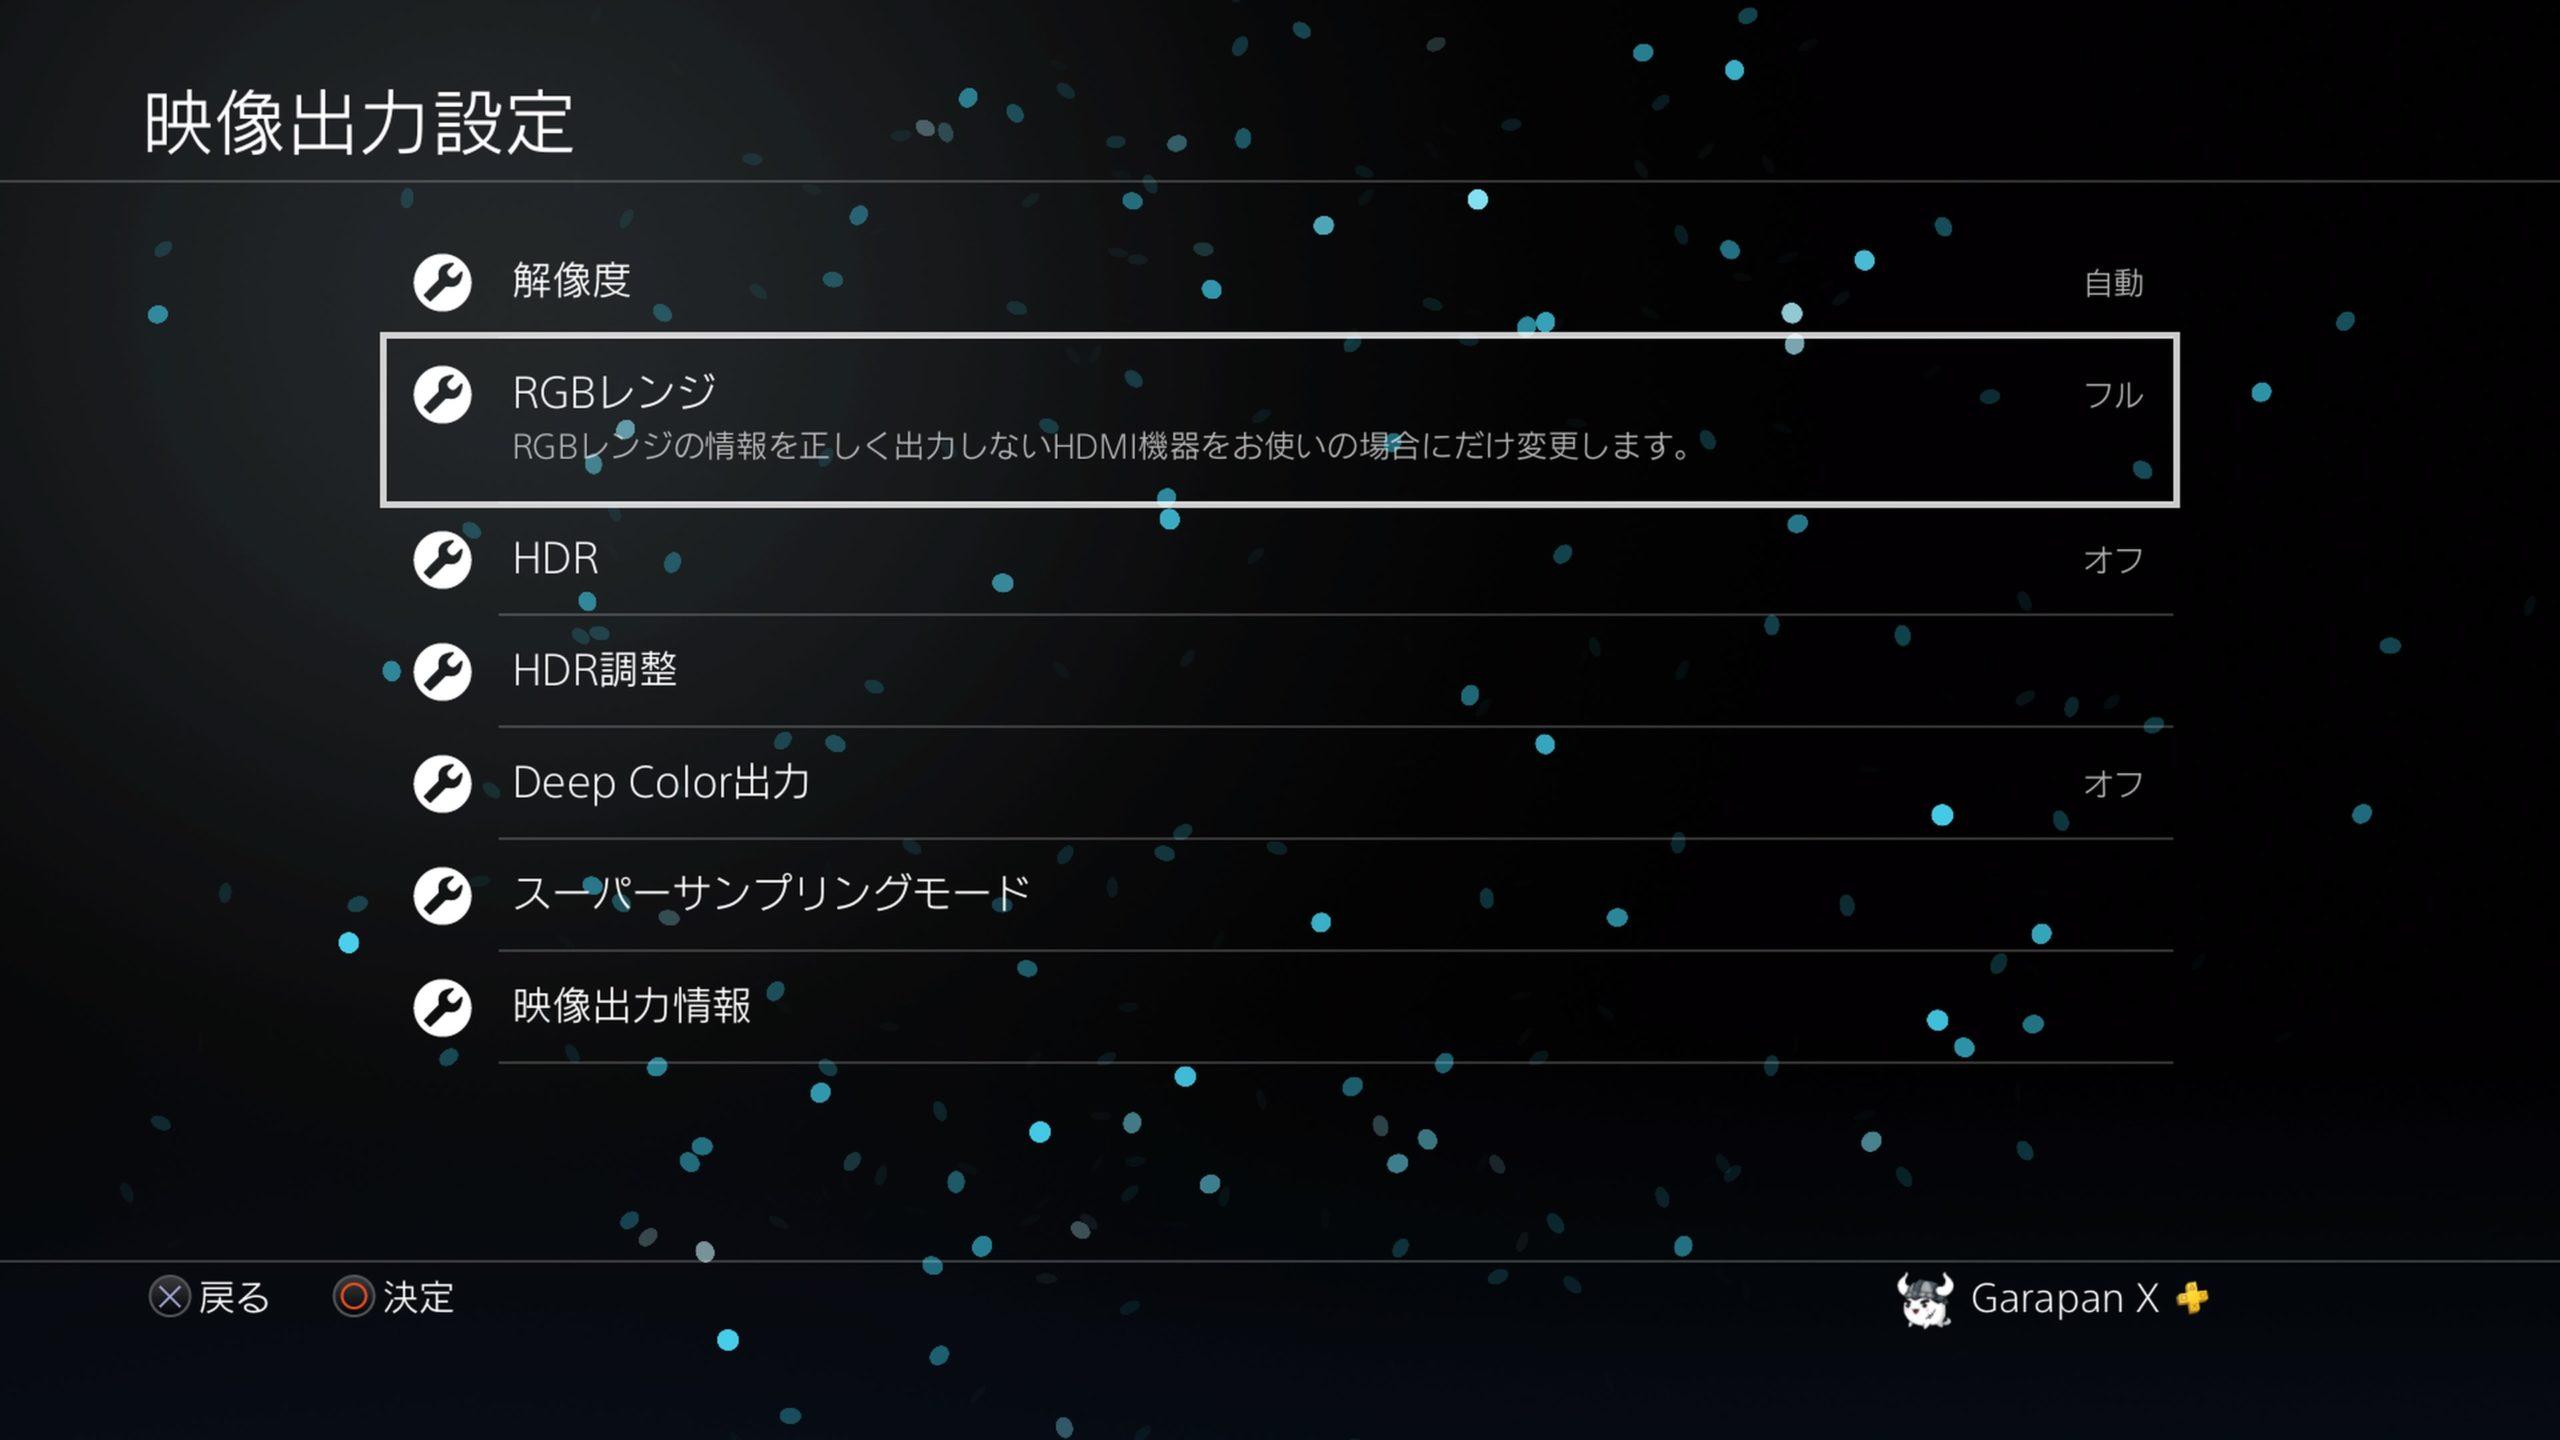 PS4の映像を綺麗にする設定「RGBレンジ」をご存じですか?【PS4オススメ情報】